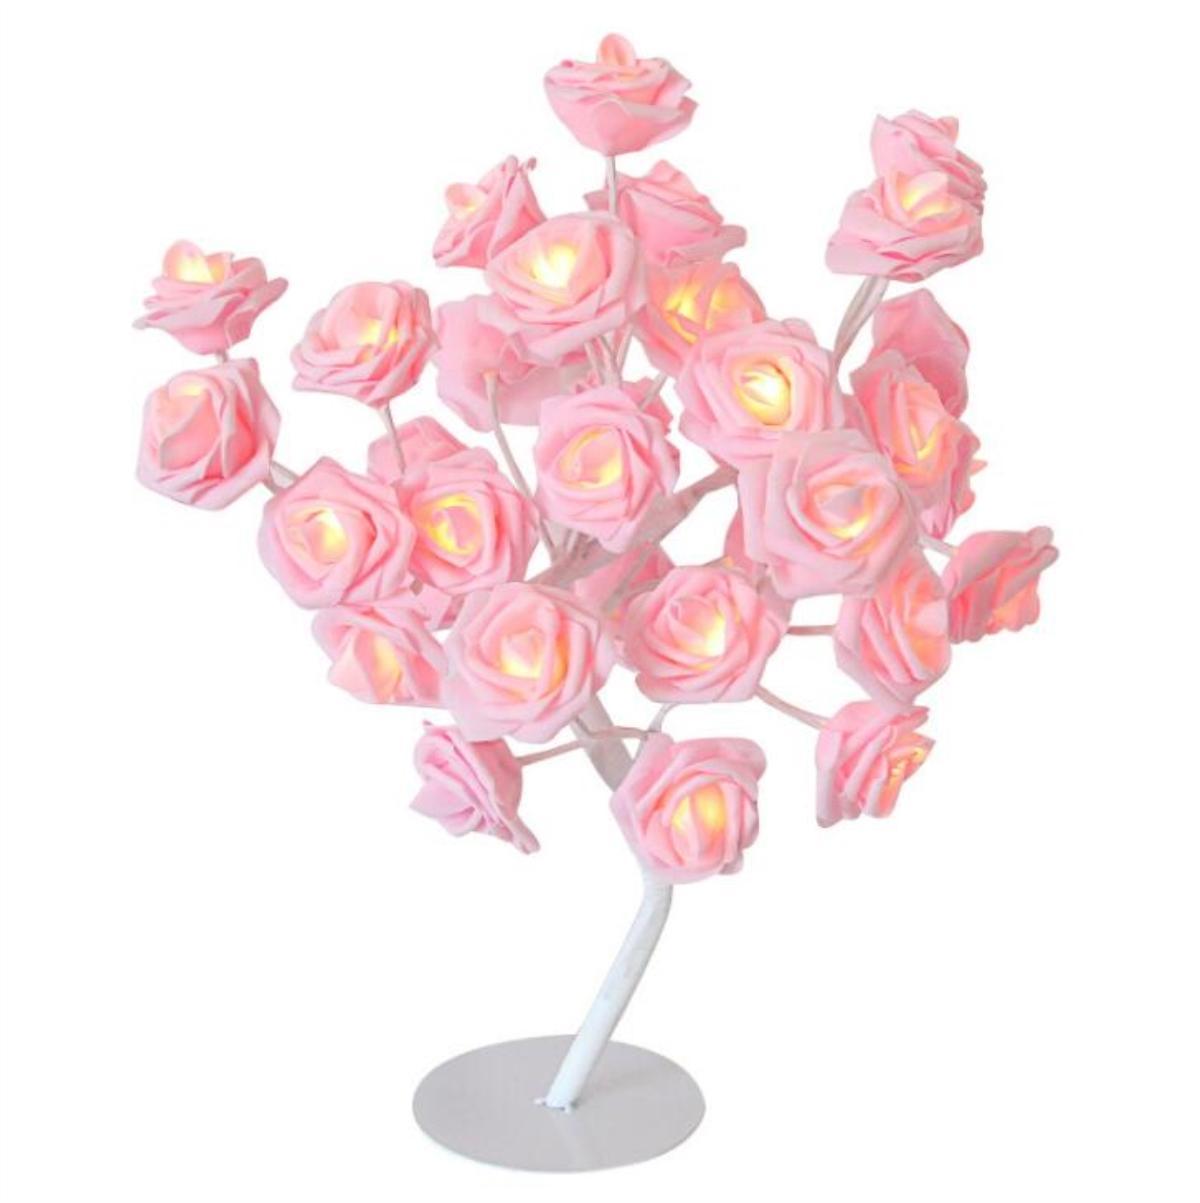 24 LED Rose Blumen Tischlampen Schreibtisch Nachtlicht Dekorative Indoor Schlafzimmer - 2